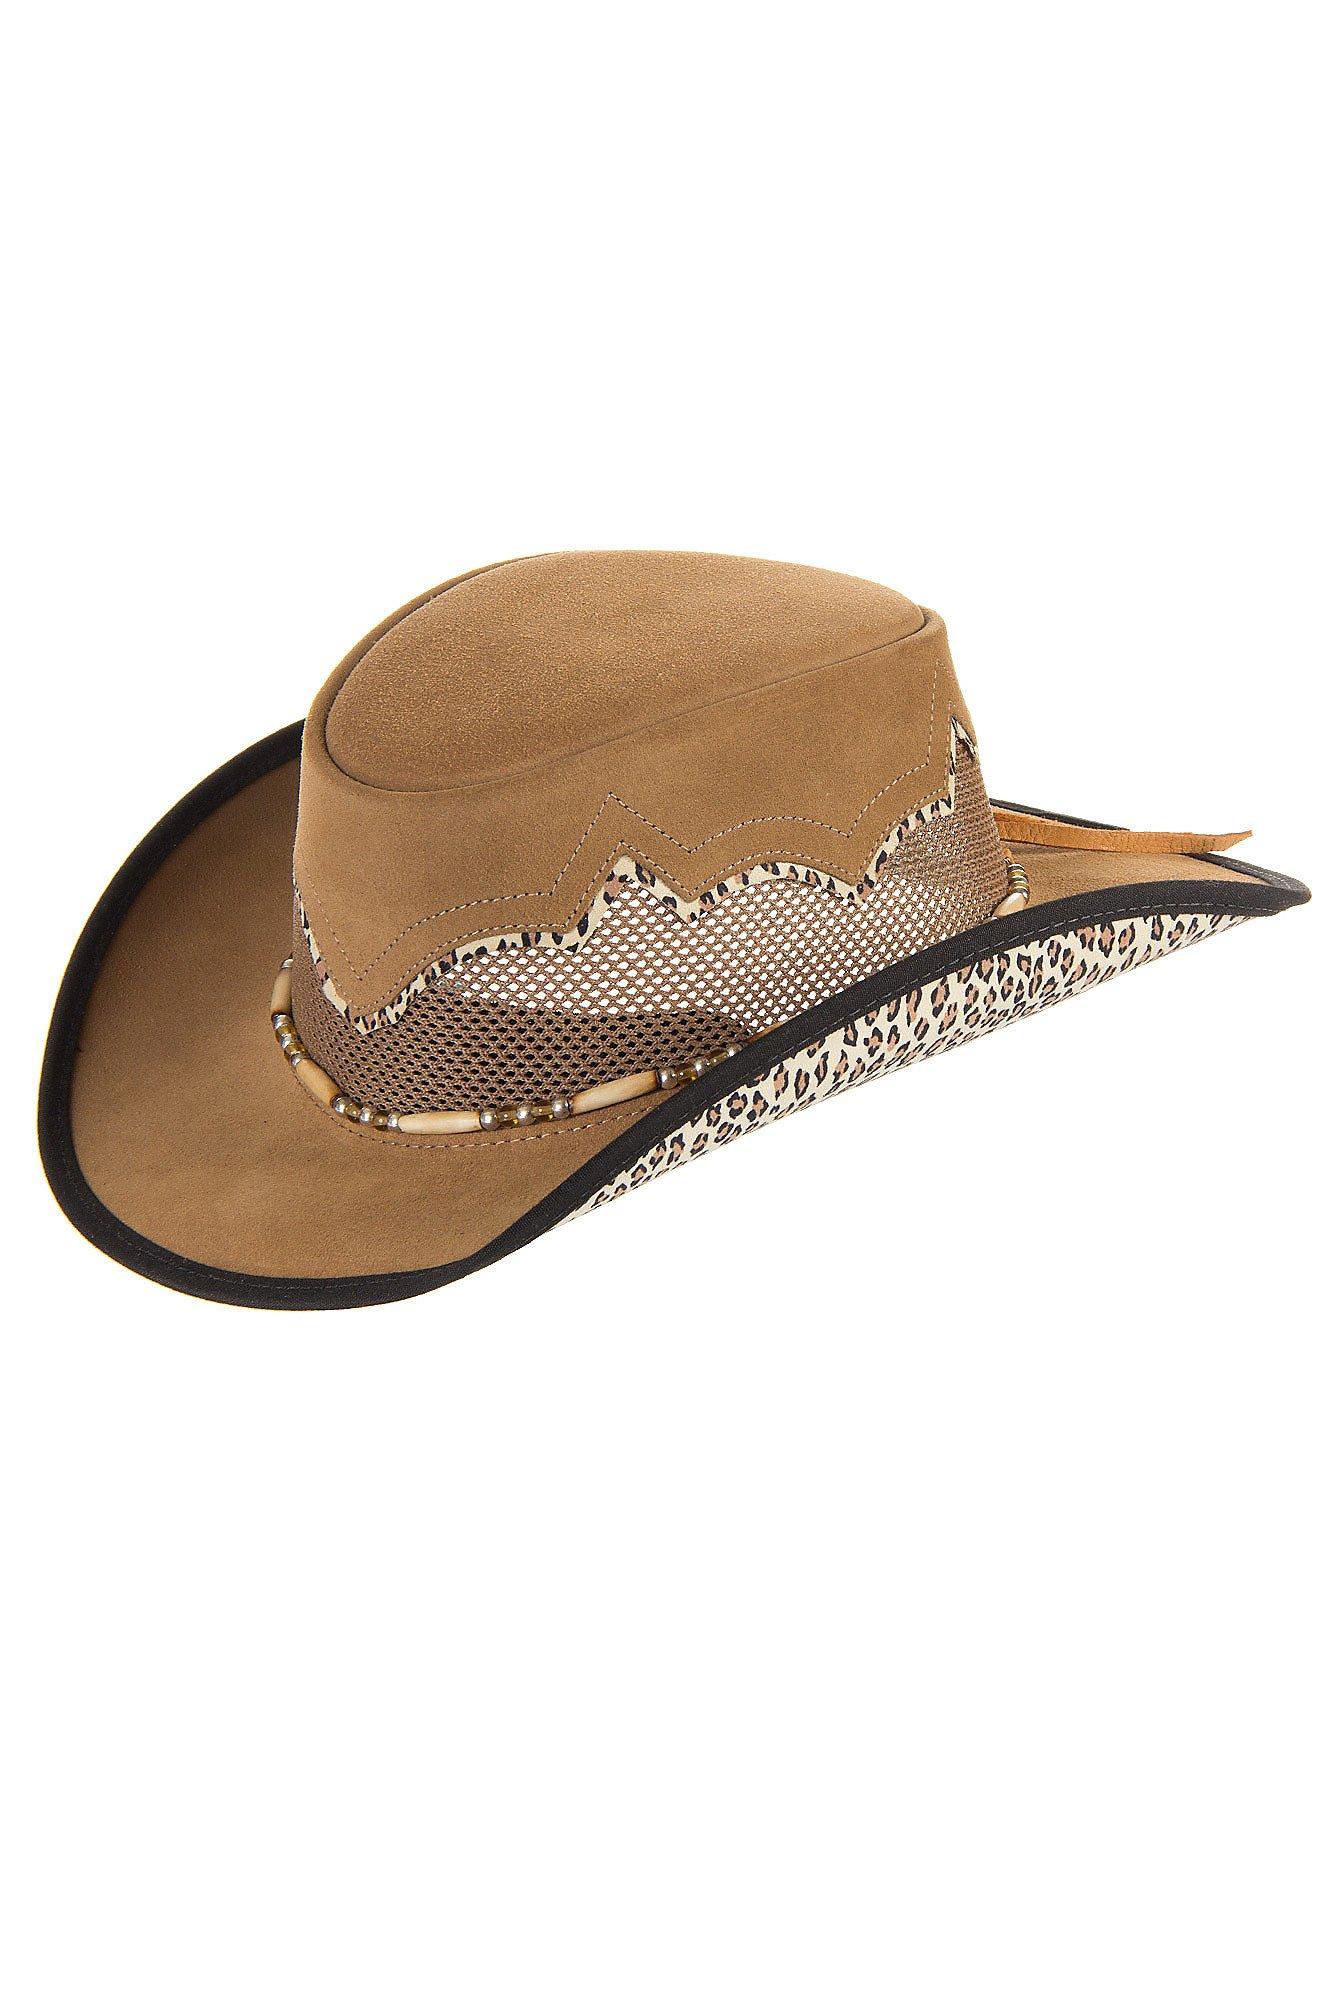 Sierra Suede Breezer Cowboy Hat